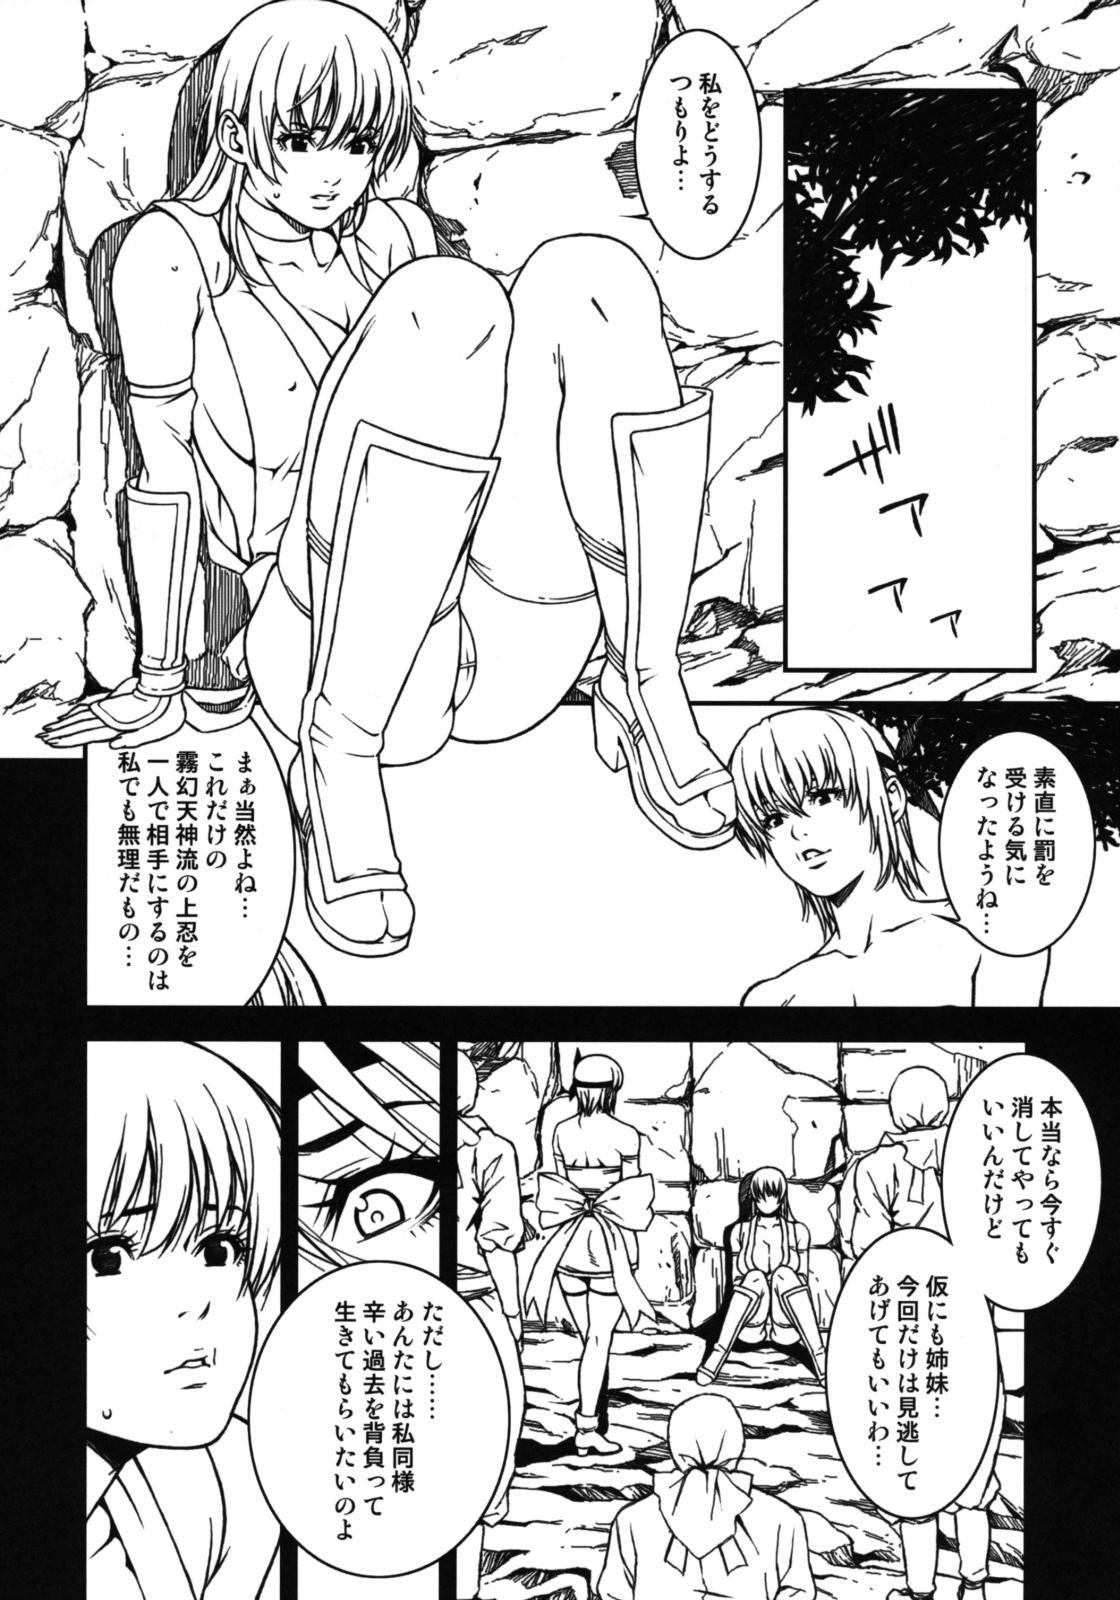 Chichiranbu Vol. 05 6